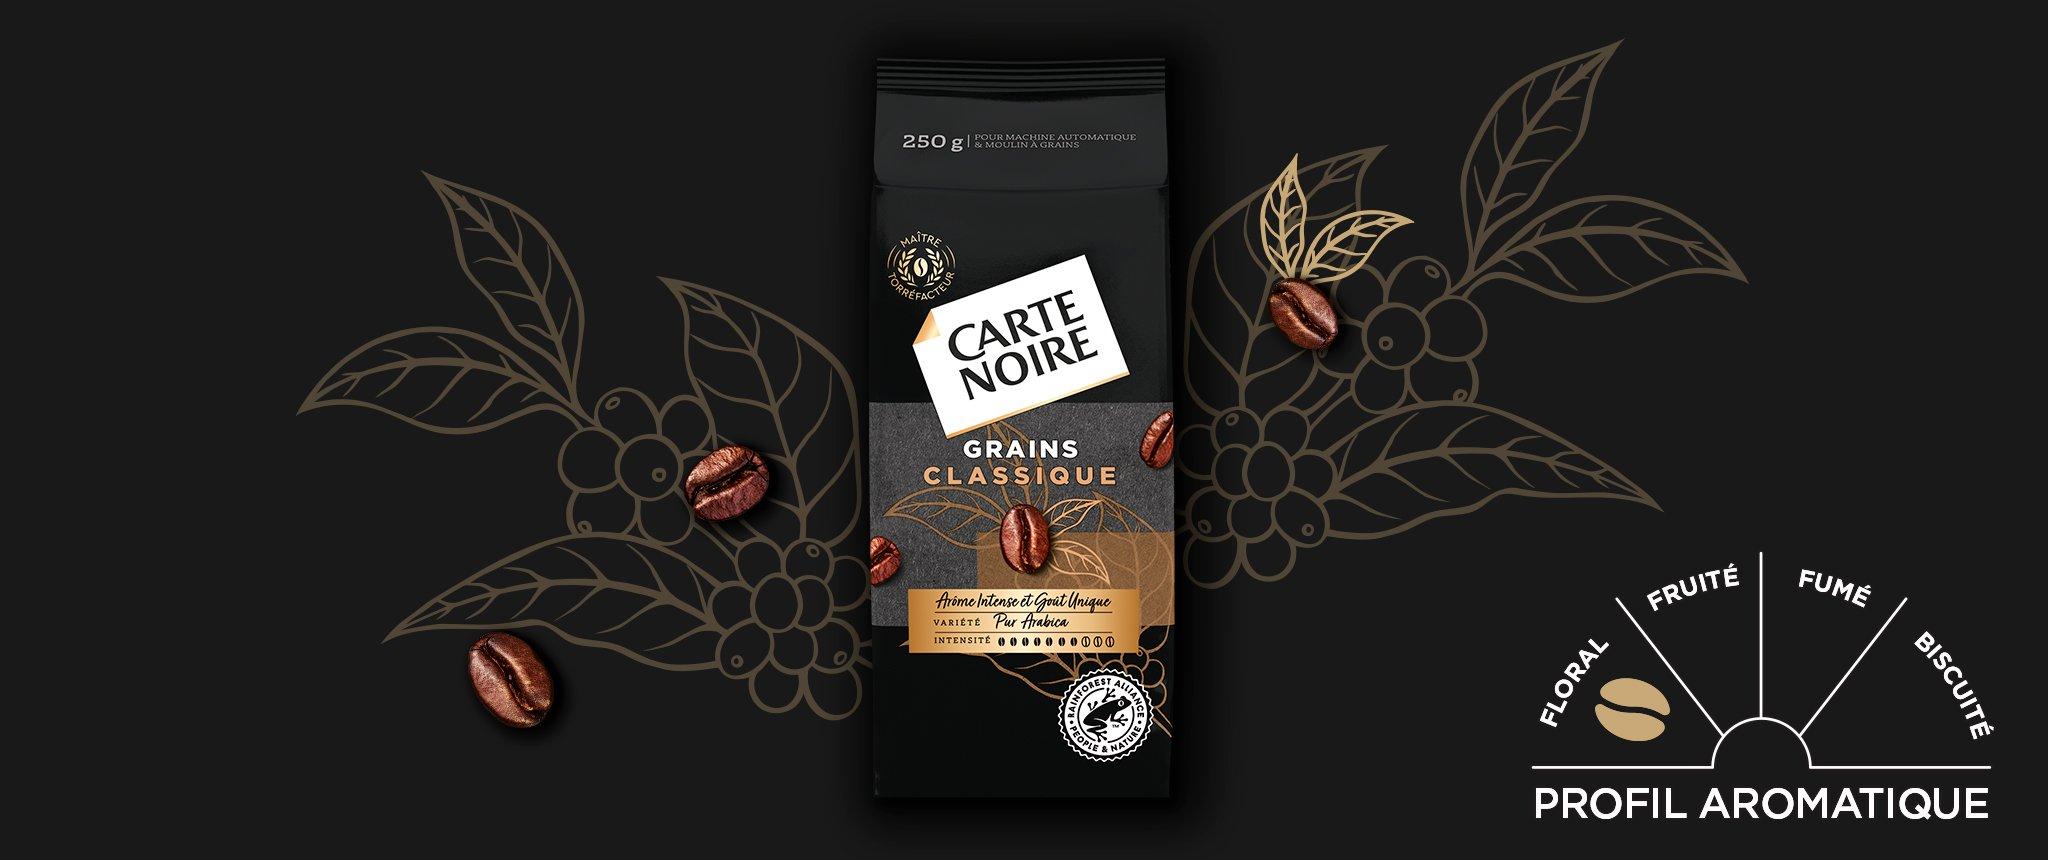 GRAINS CLASSIQUE - Café en grains torréfiés